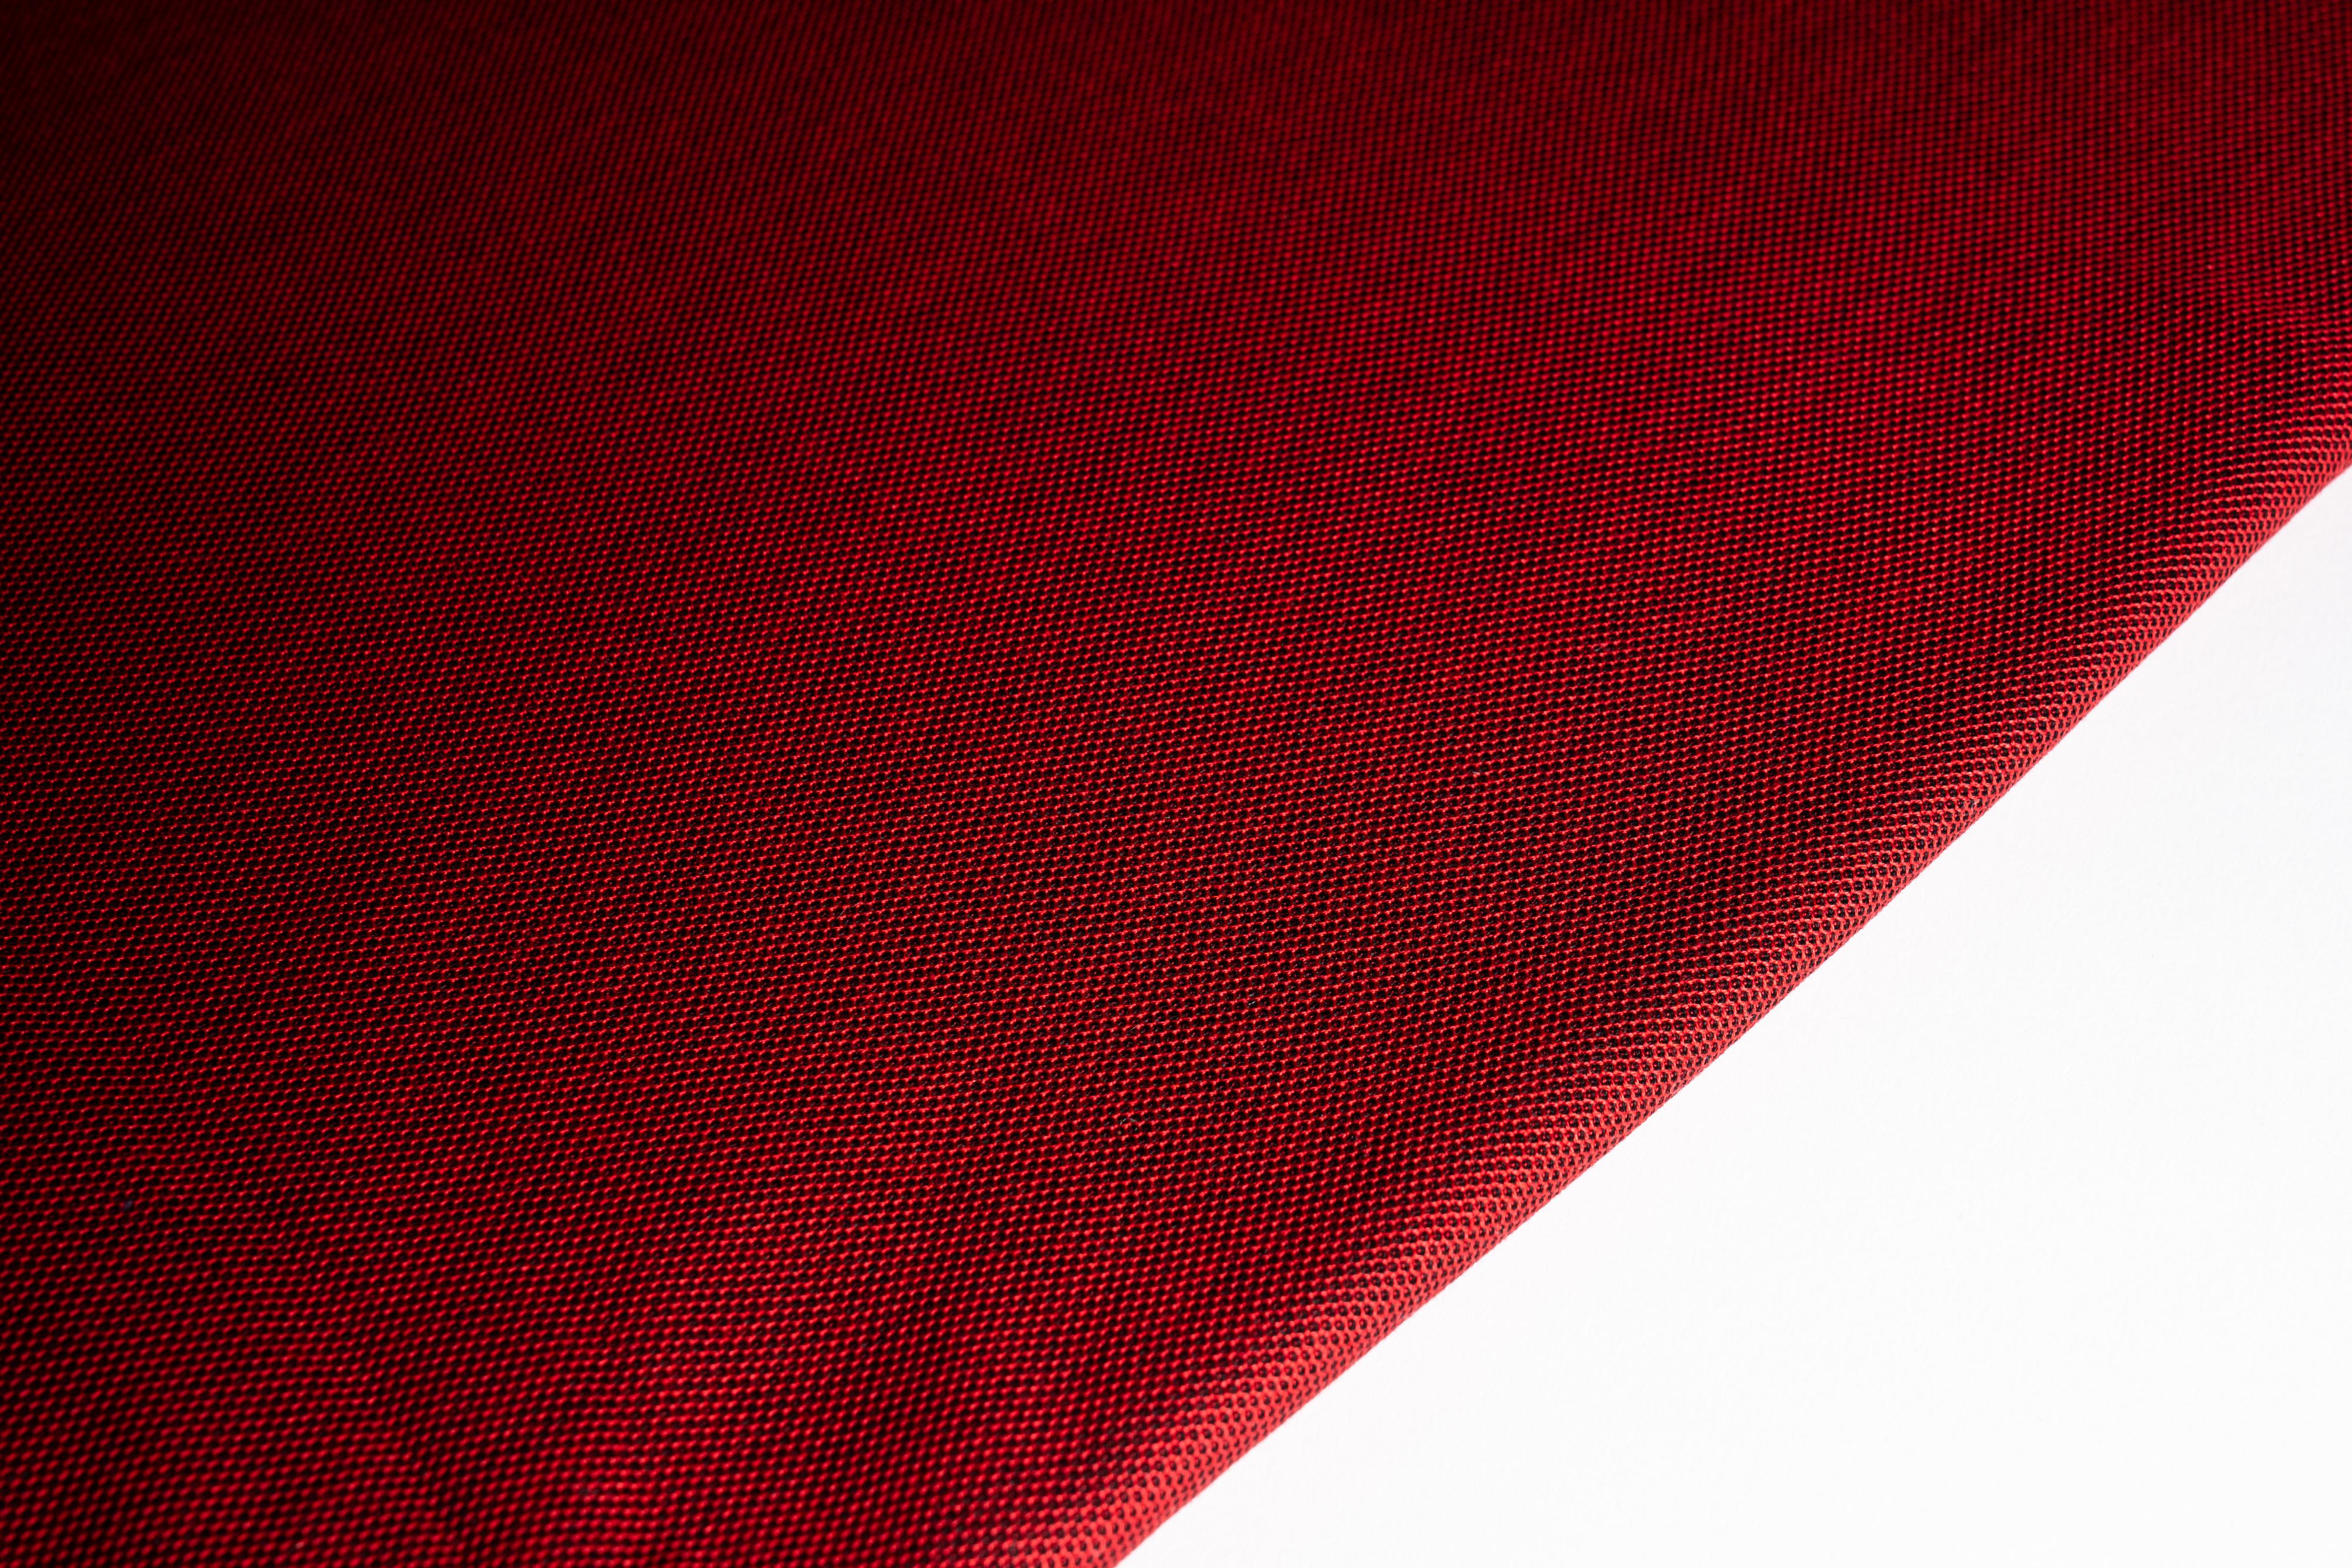 Tessuto dettaglio polo nido d'ape di cotone